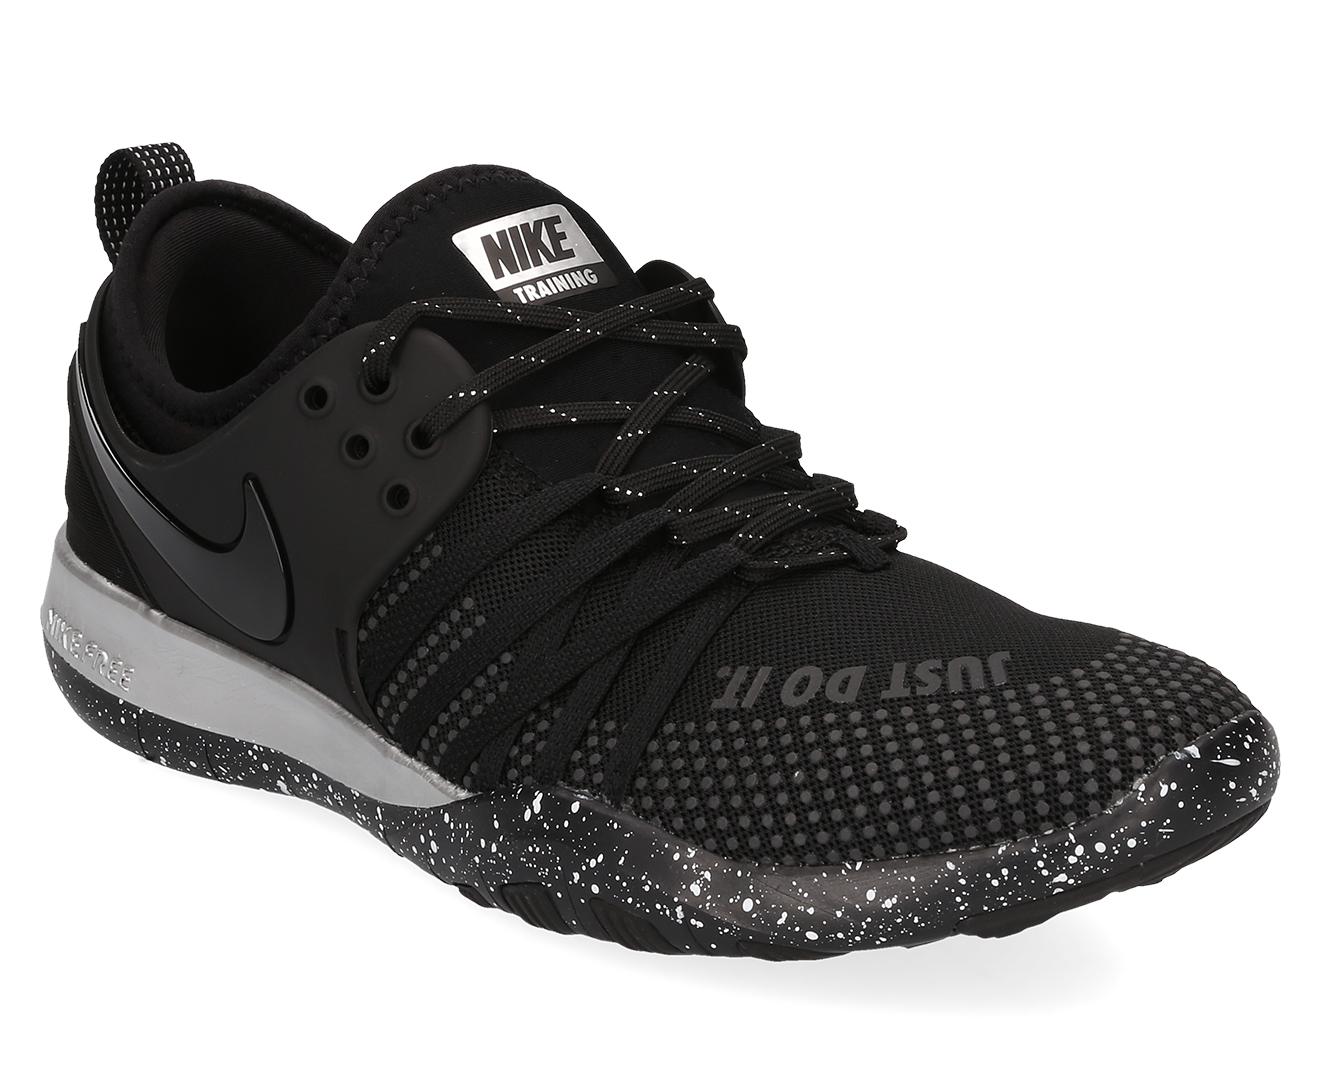 082e71e41560 Nike Women s Free TR 7 Selfie Shoe - Black Black-Chrome